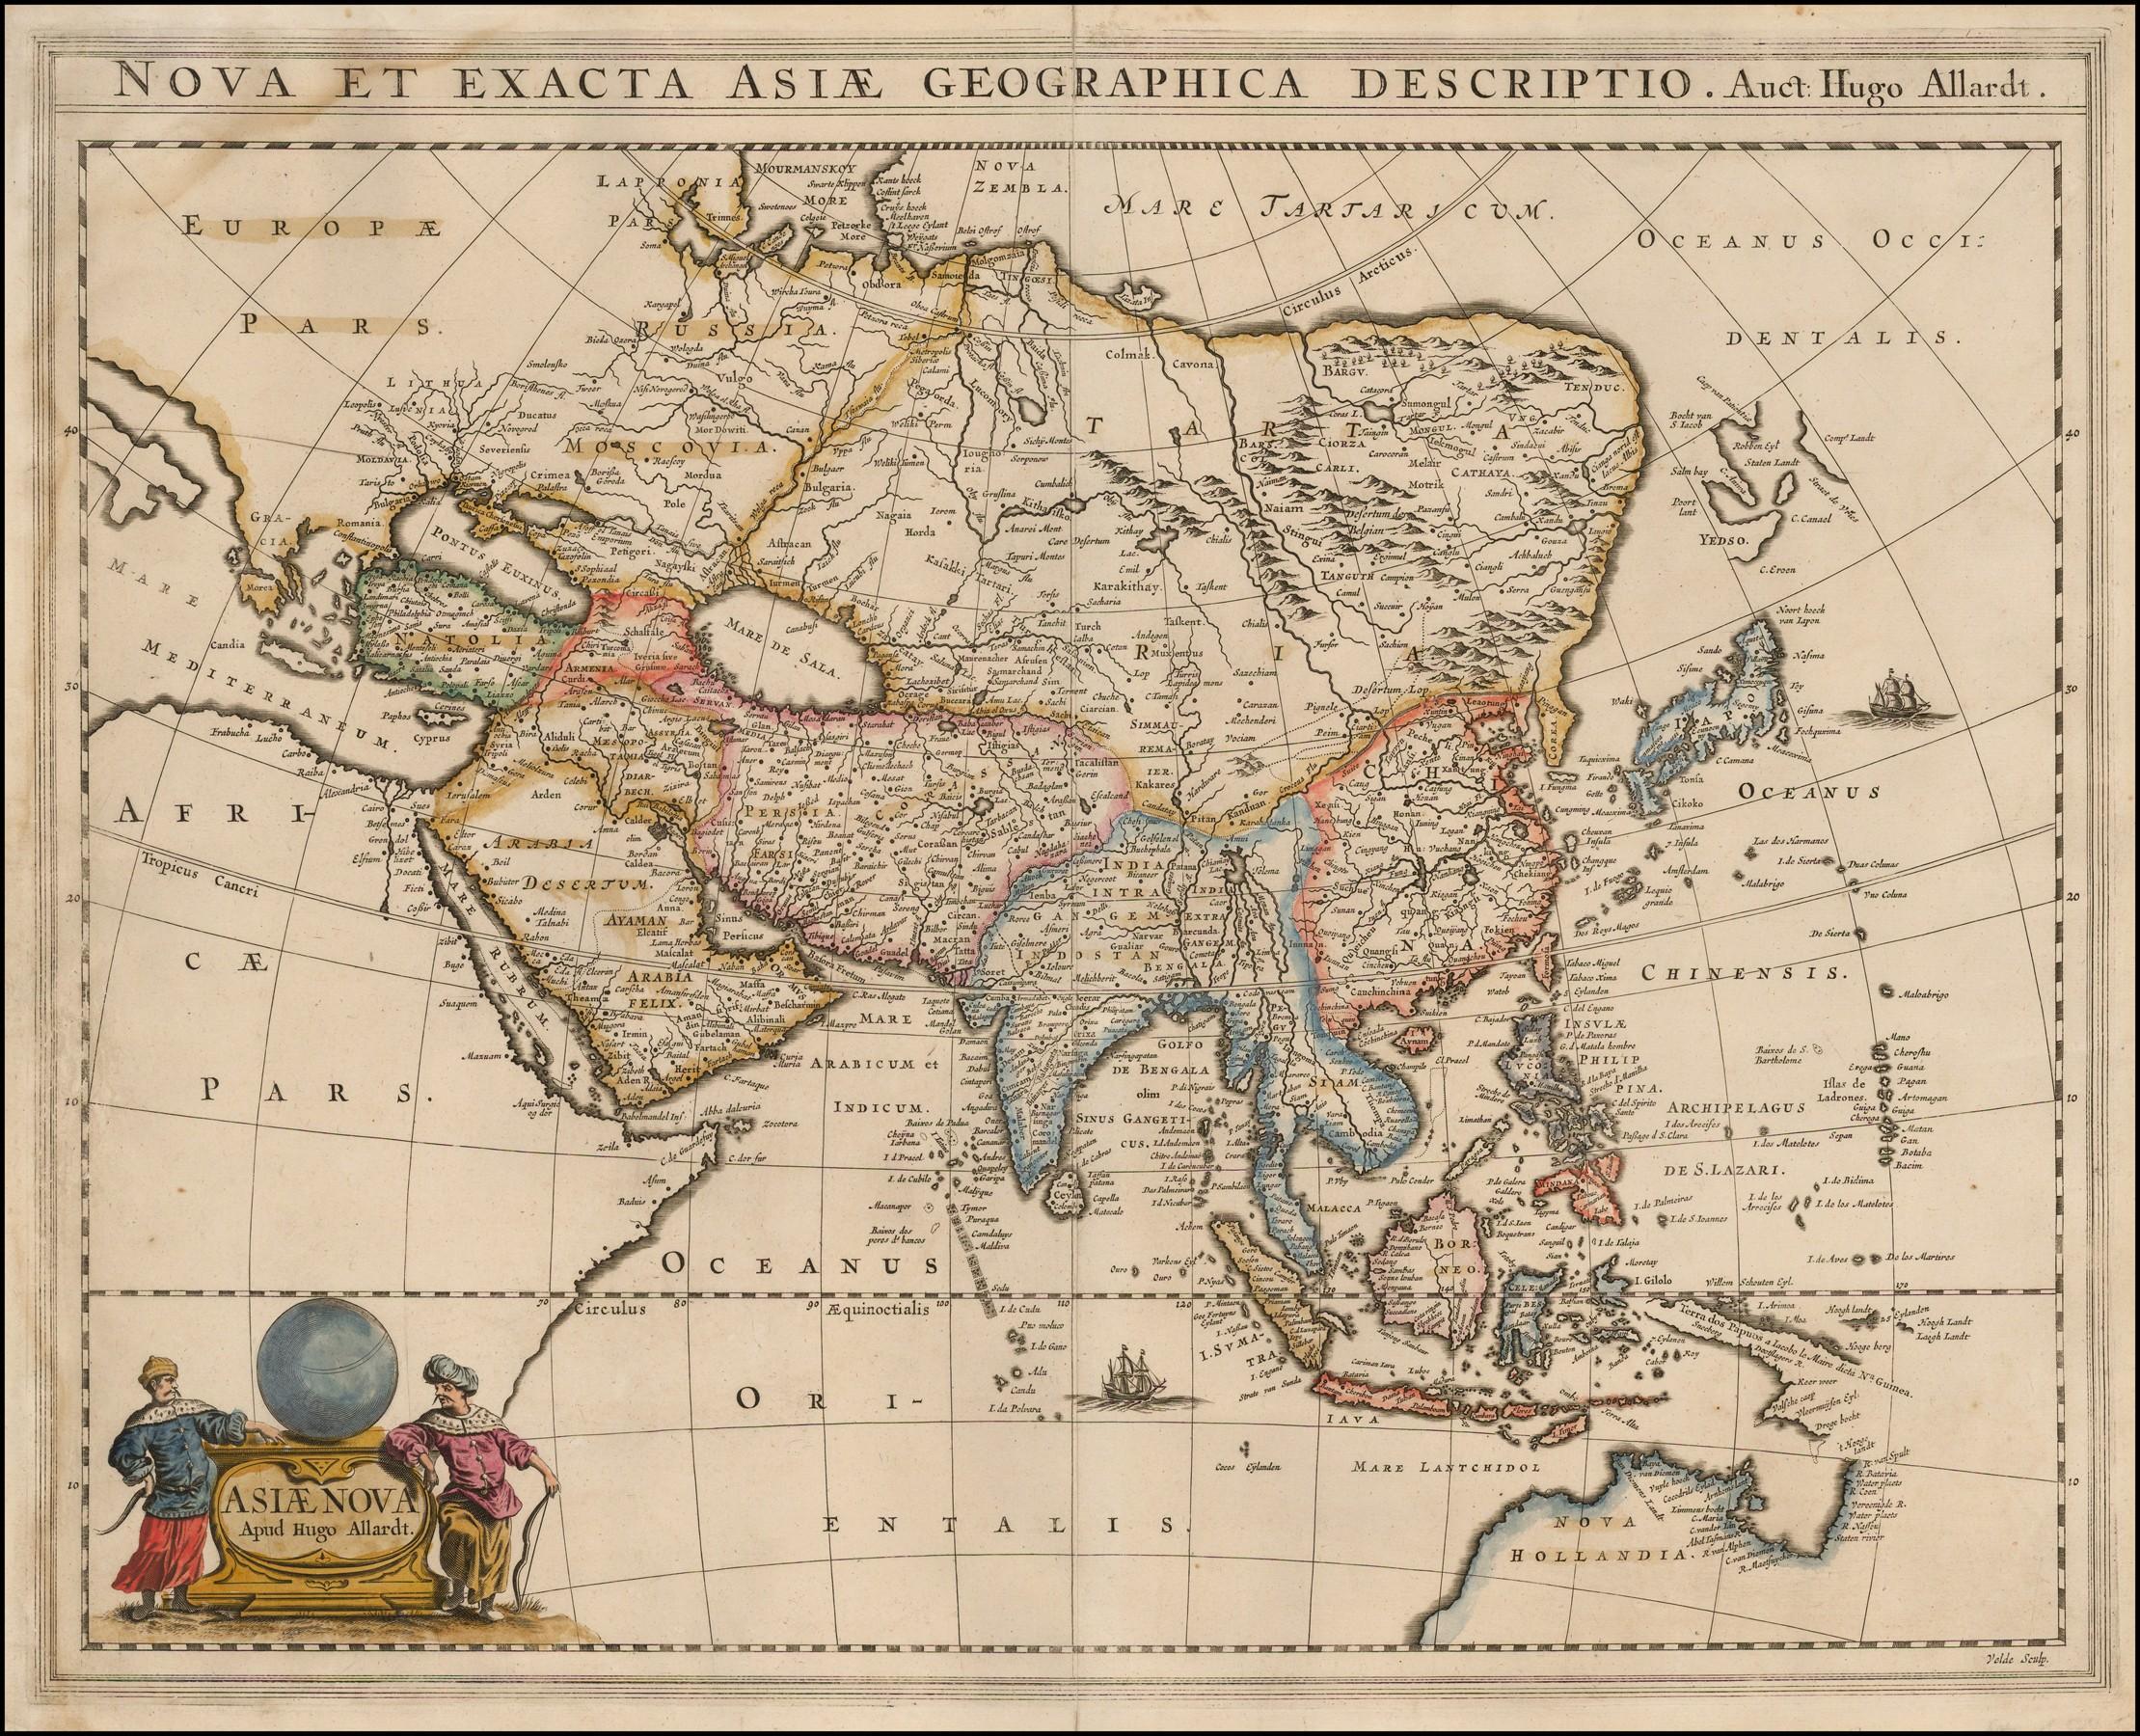 Редкая старинная карта Азии картографа Хьюго Алларда 1660 года